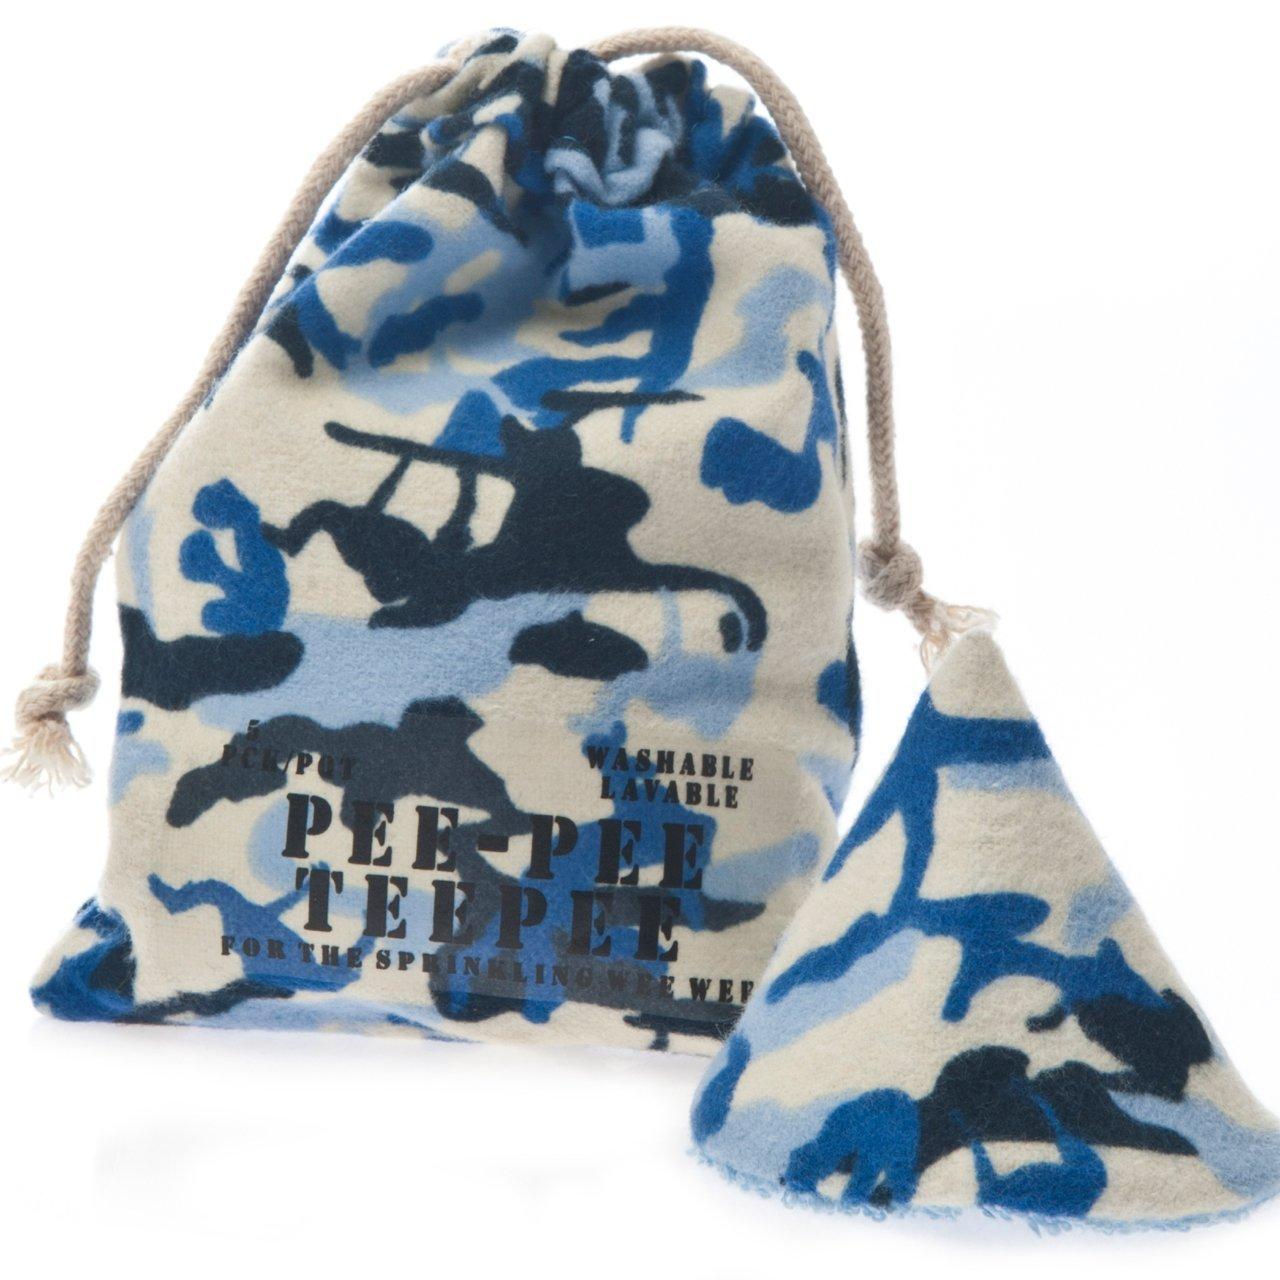 Pee-pee Teepee Camo Blue - Laundry Bag Beba Bean PT5011